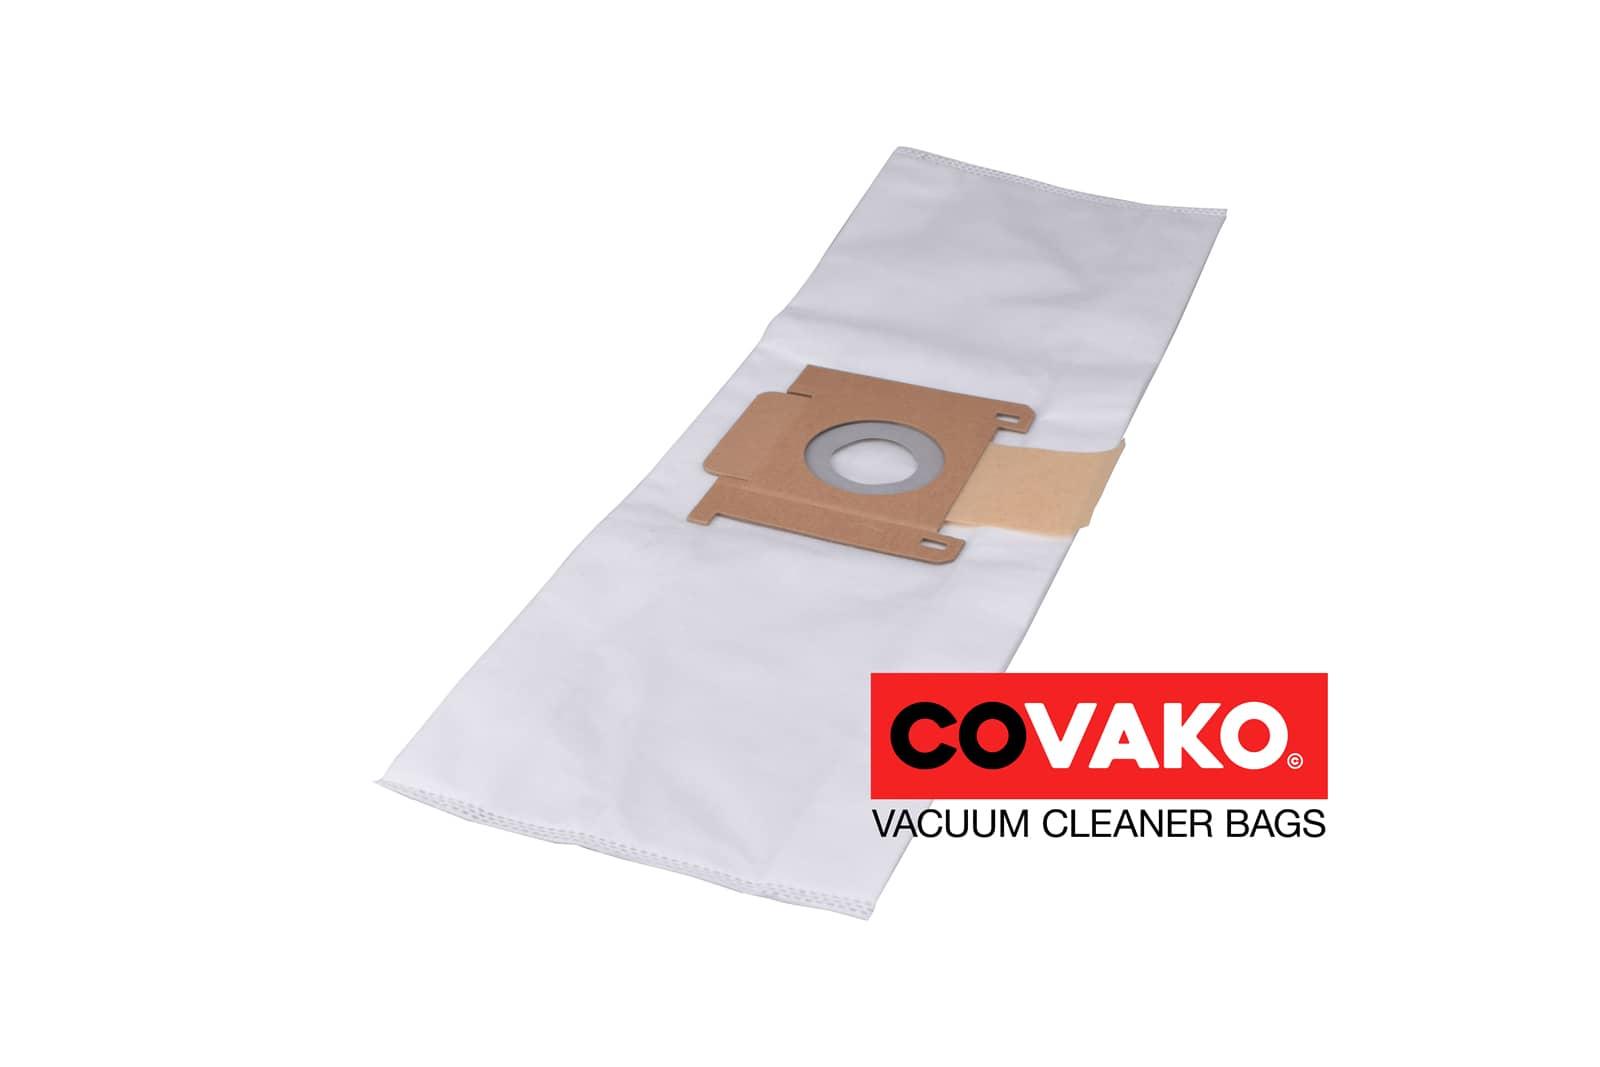 Clean a la Card C 5 / Synthétique - Clean a la Card sacs d'aspirateur